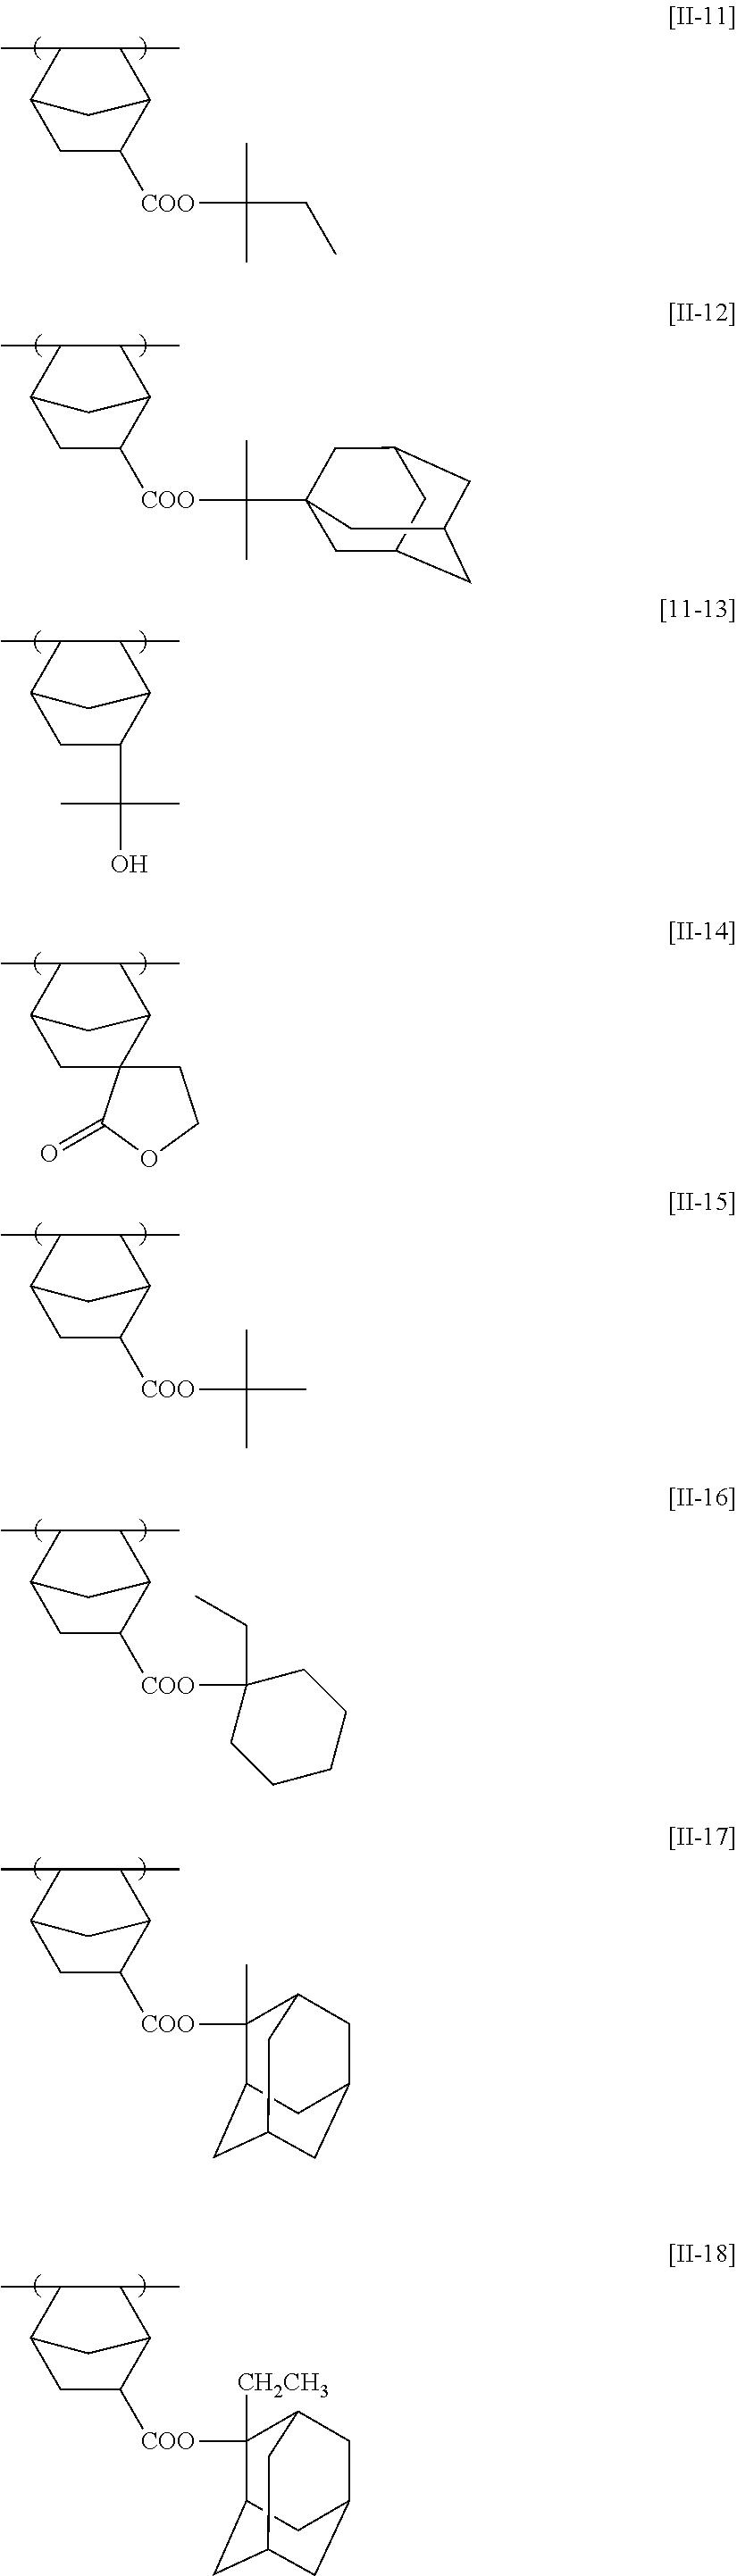 Figure US08476001-20130702-C00020